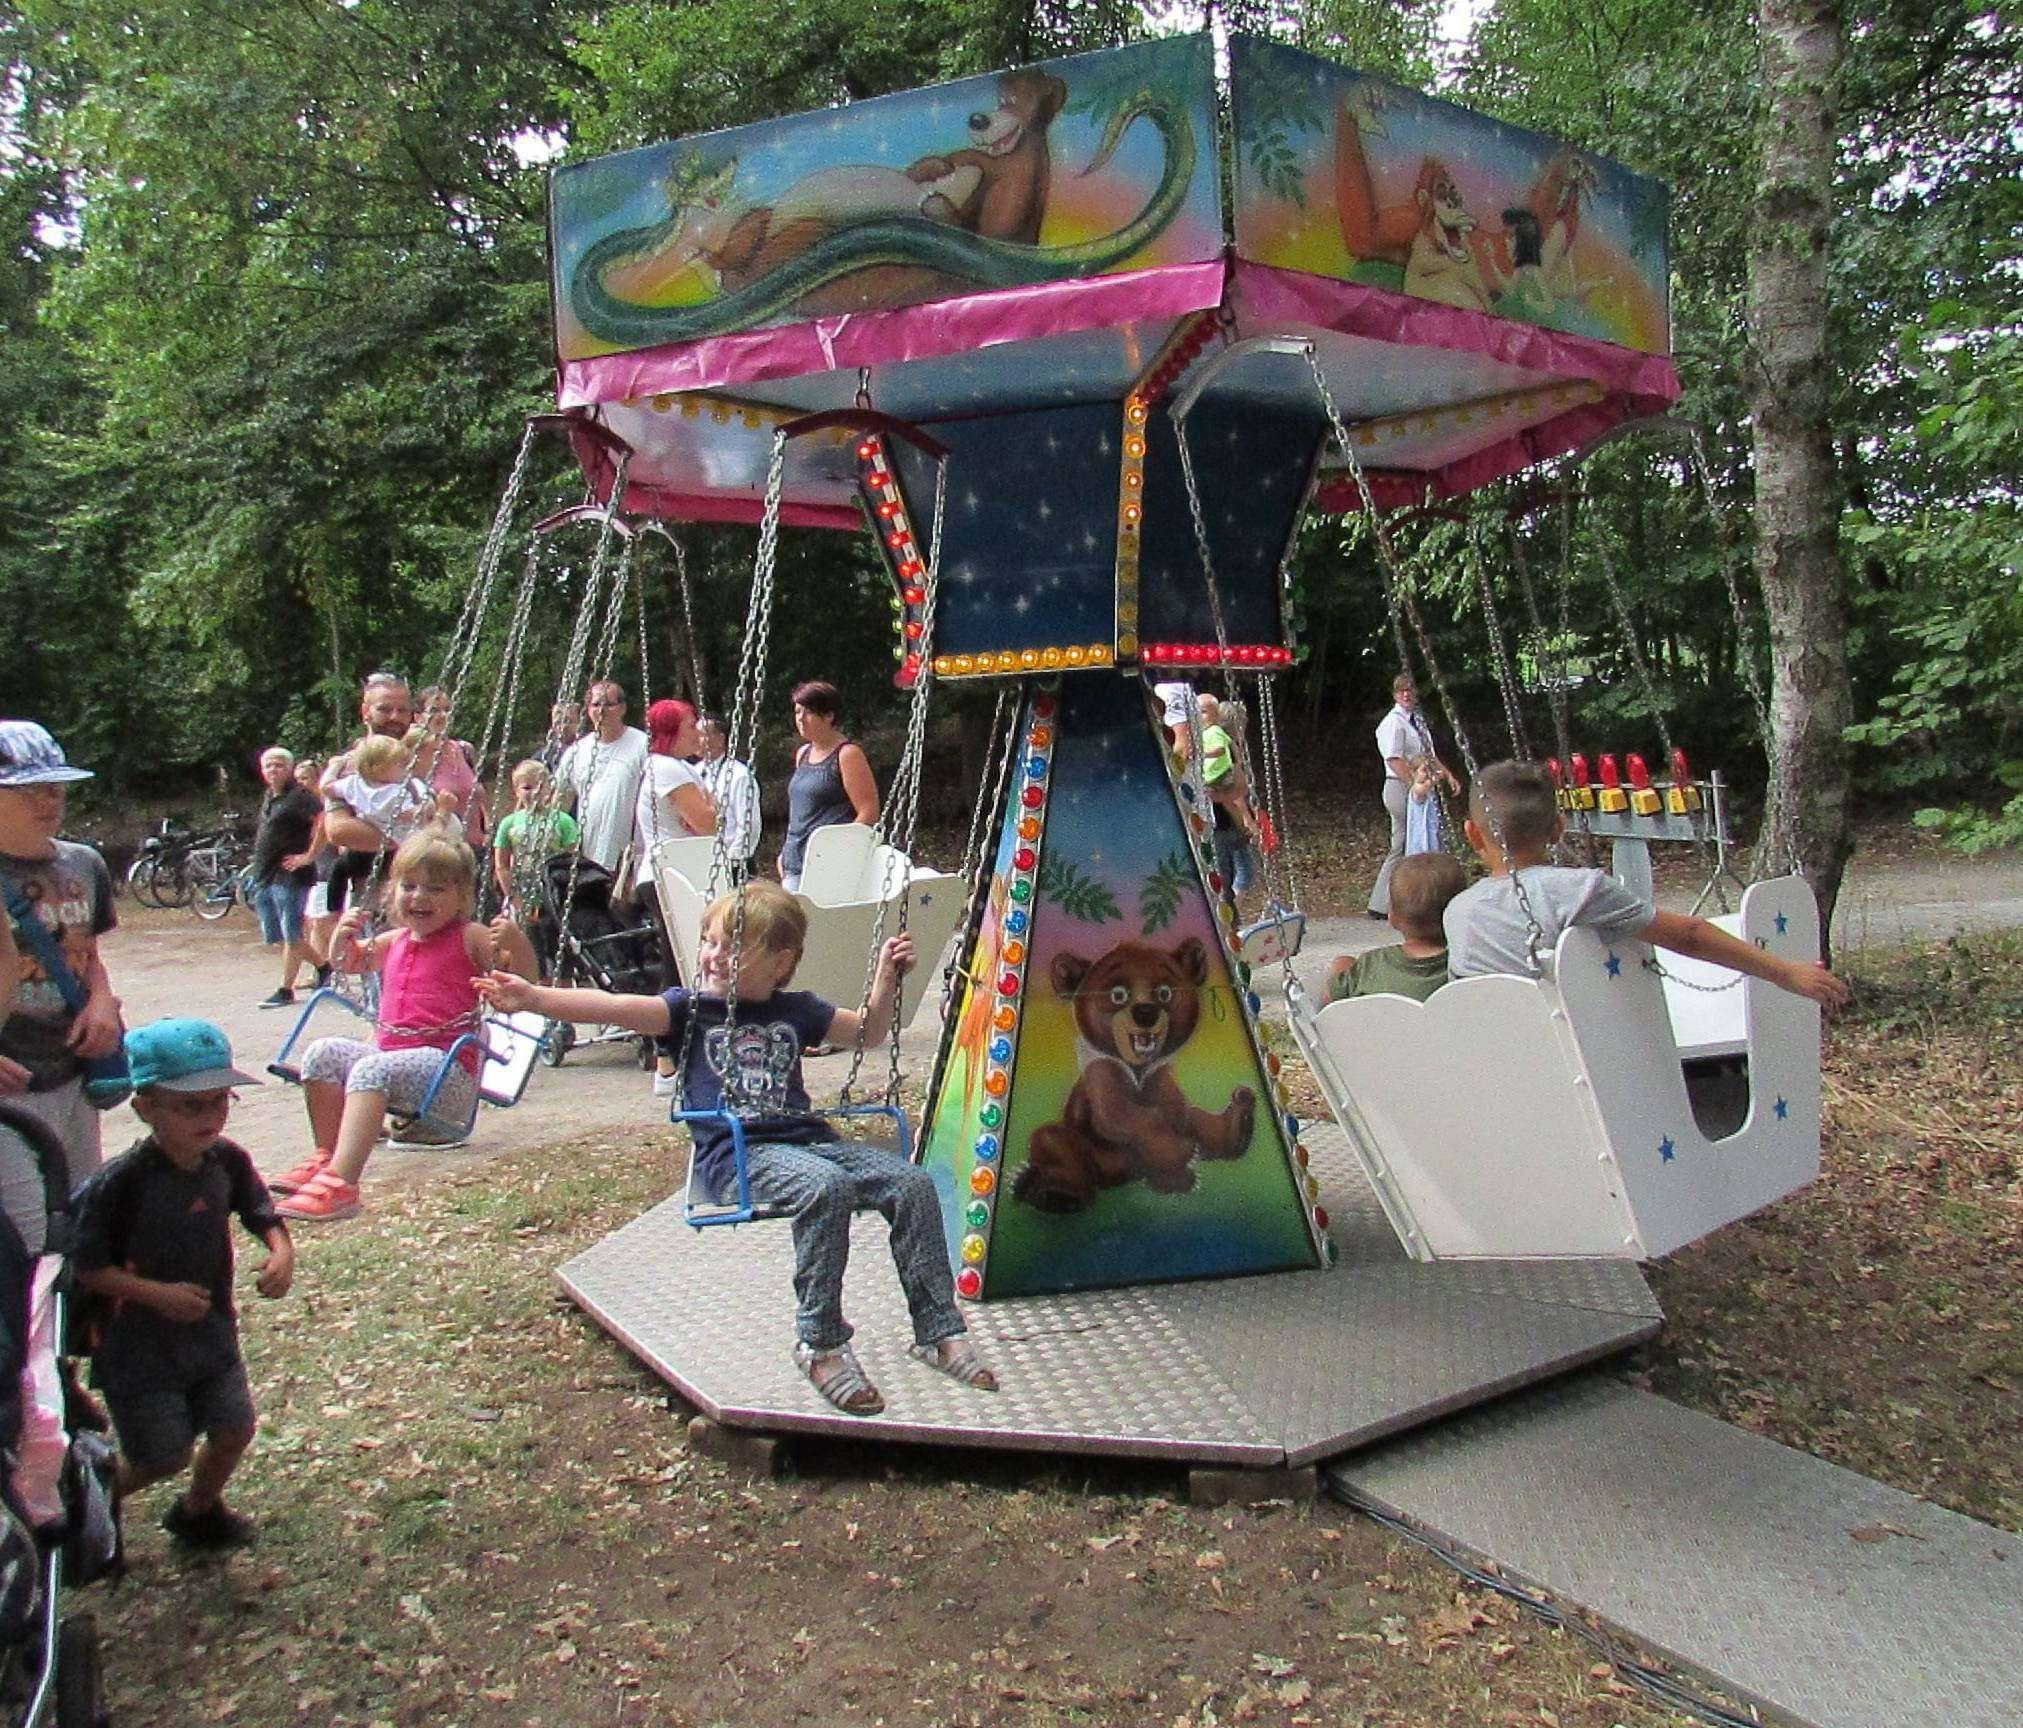 Die jüngeren Kinder freuen sich auf kostenlose Fahrten im Karussell.